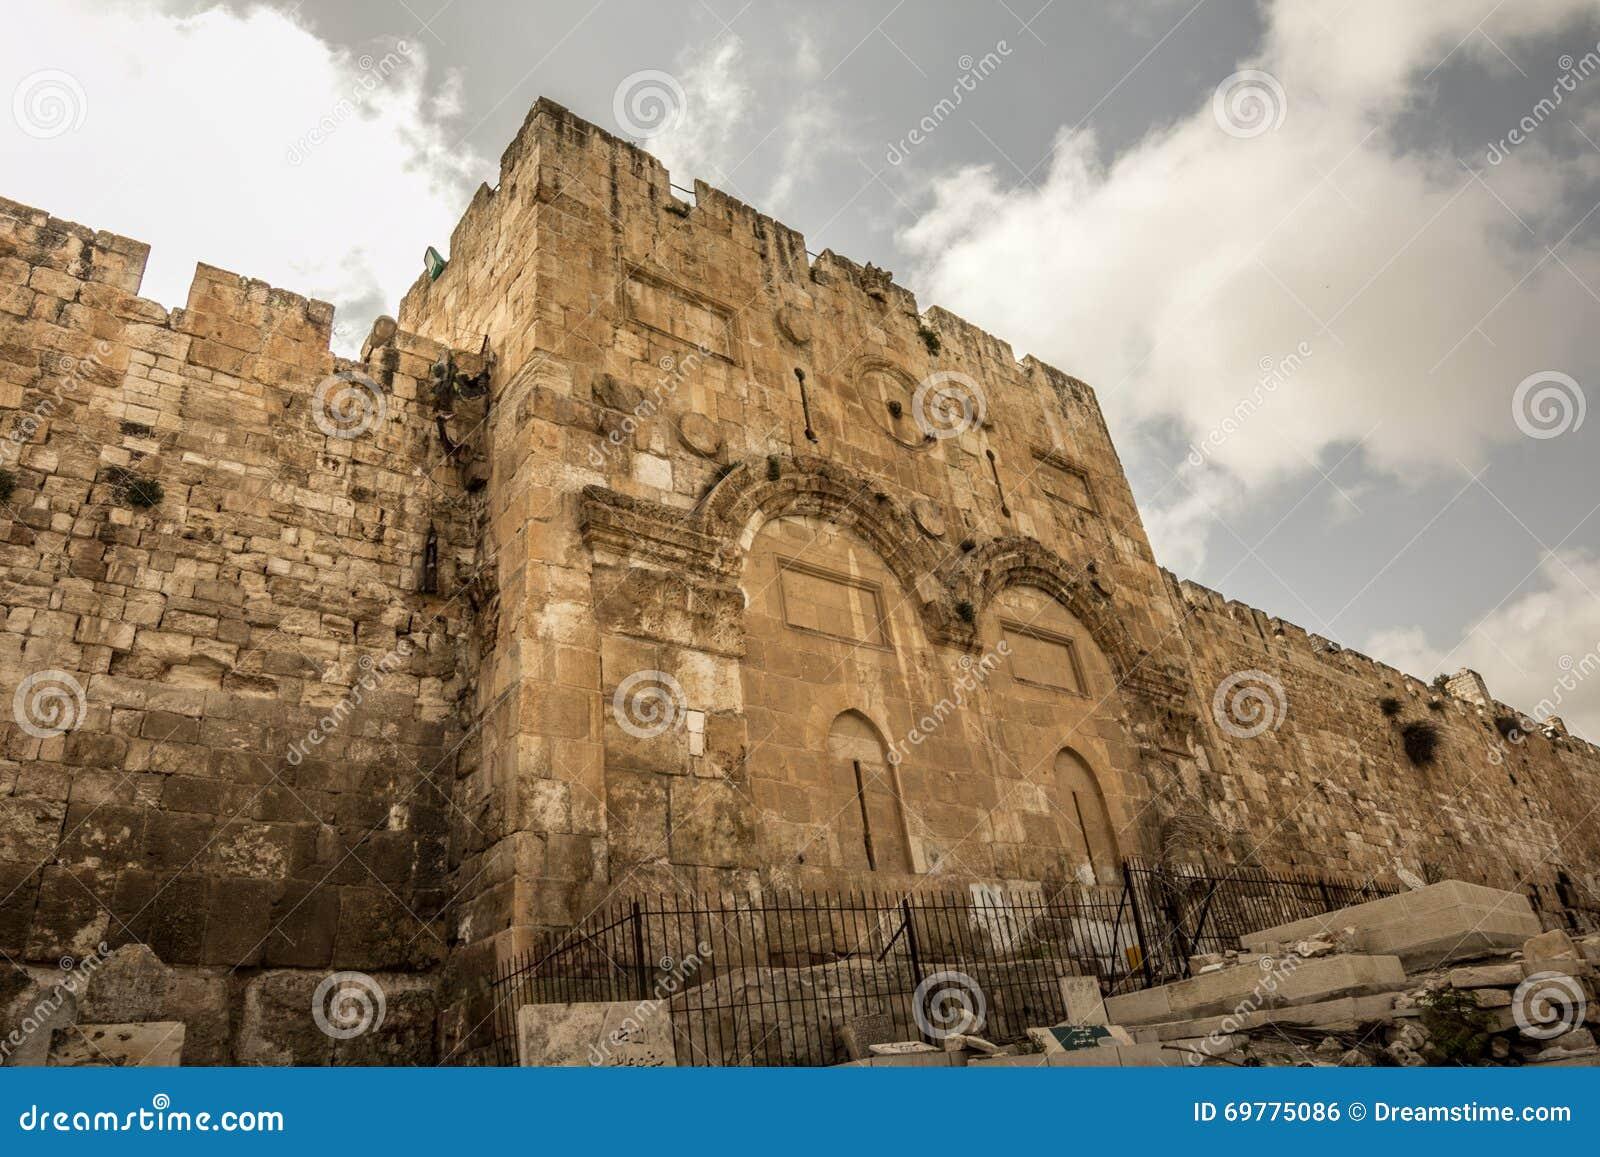 Η χρυσή πύλη, Ιερουσαλήμ, Ισραήλ